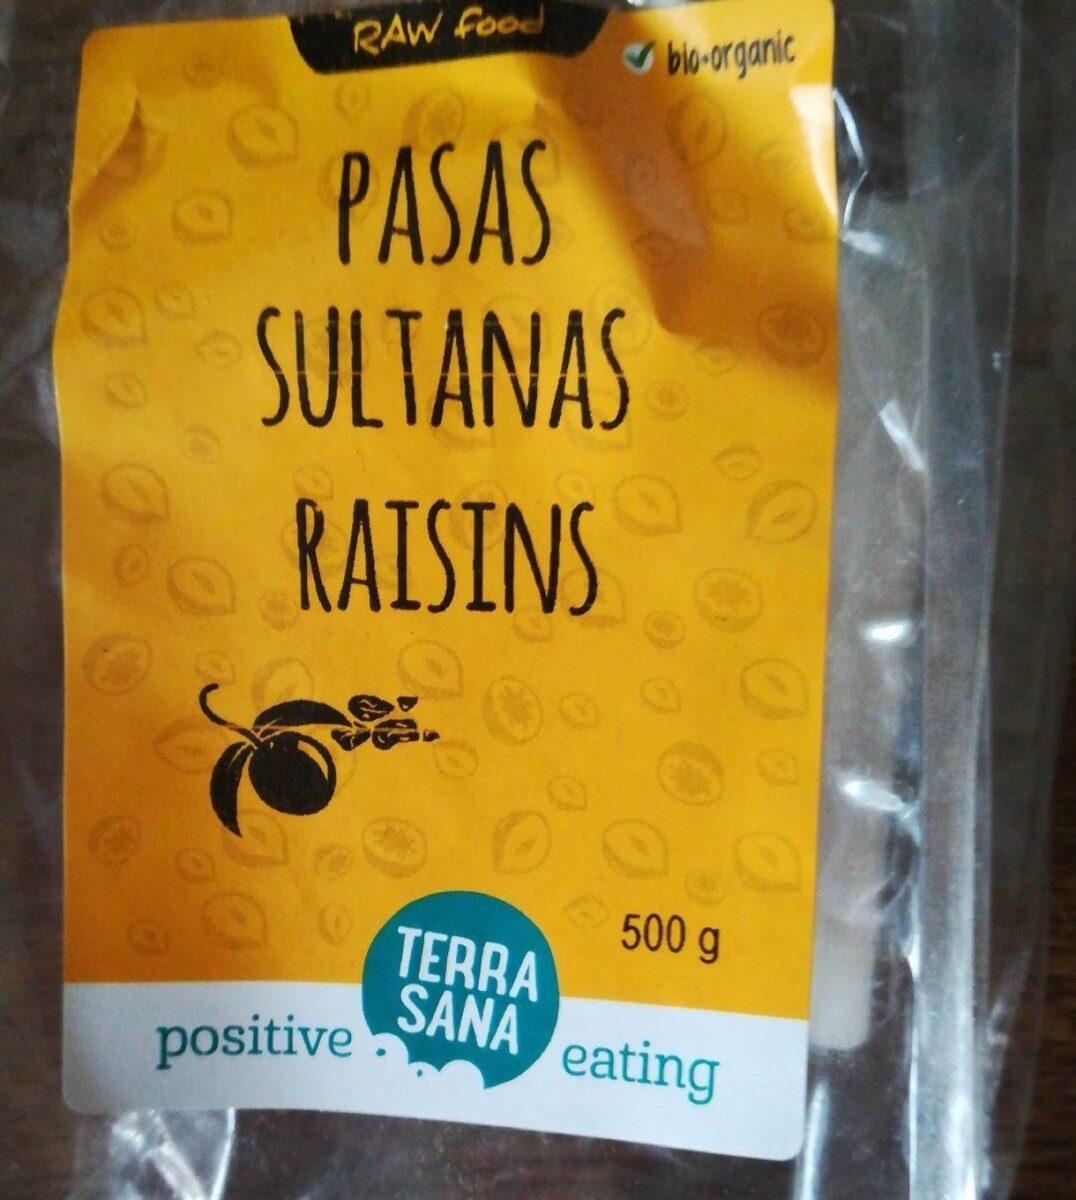 Pasas sultana raisins - Produit